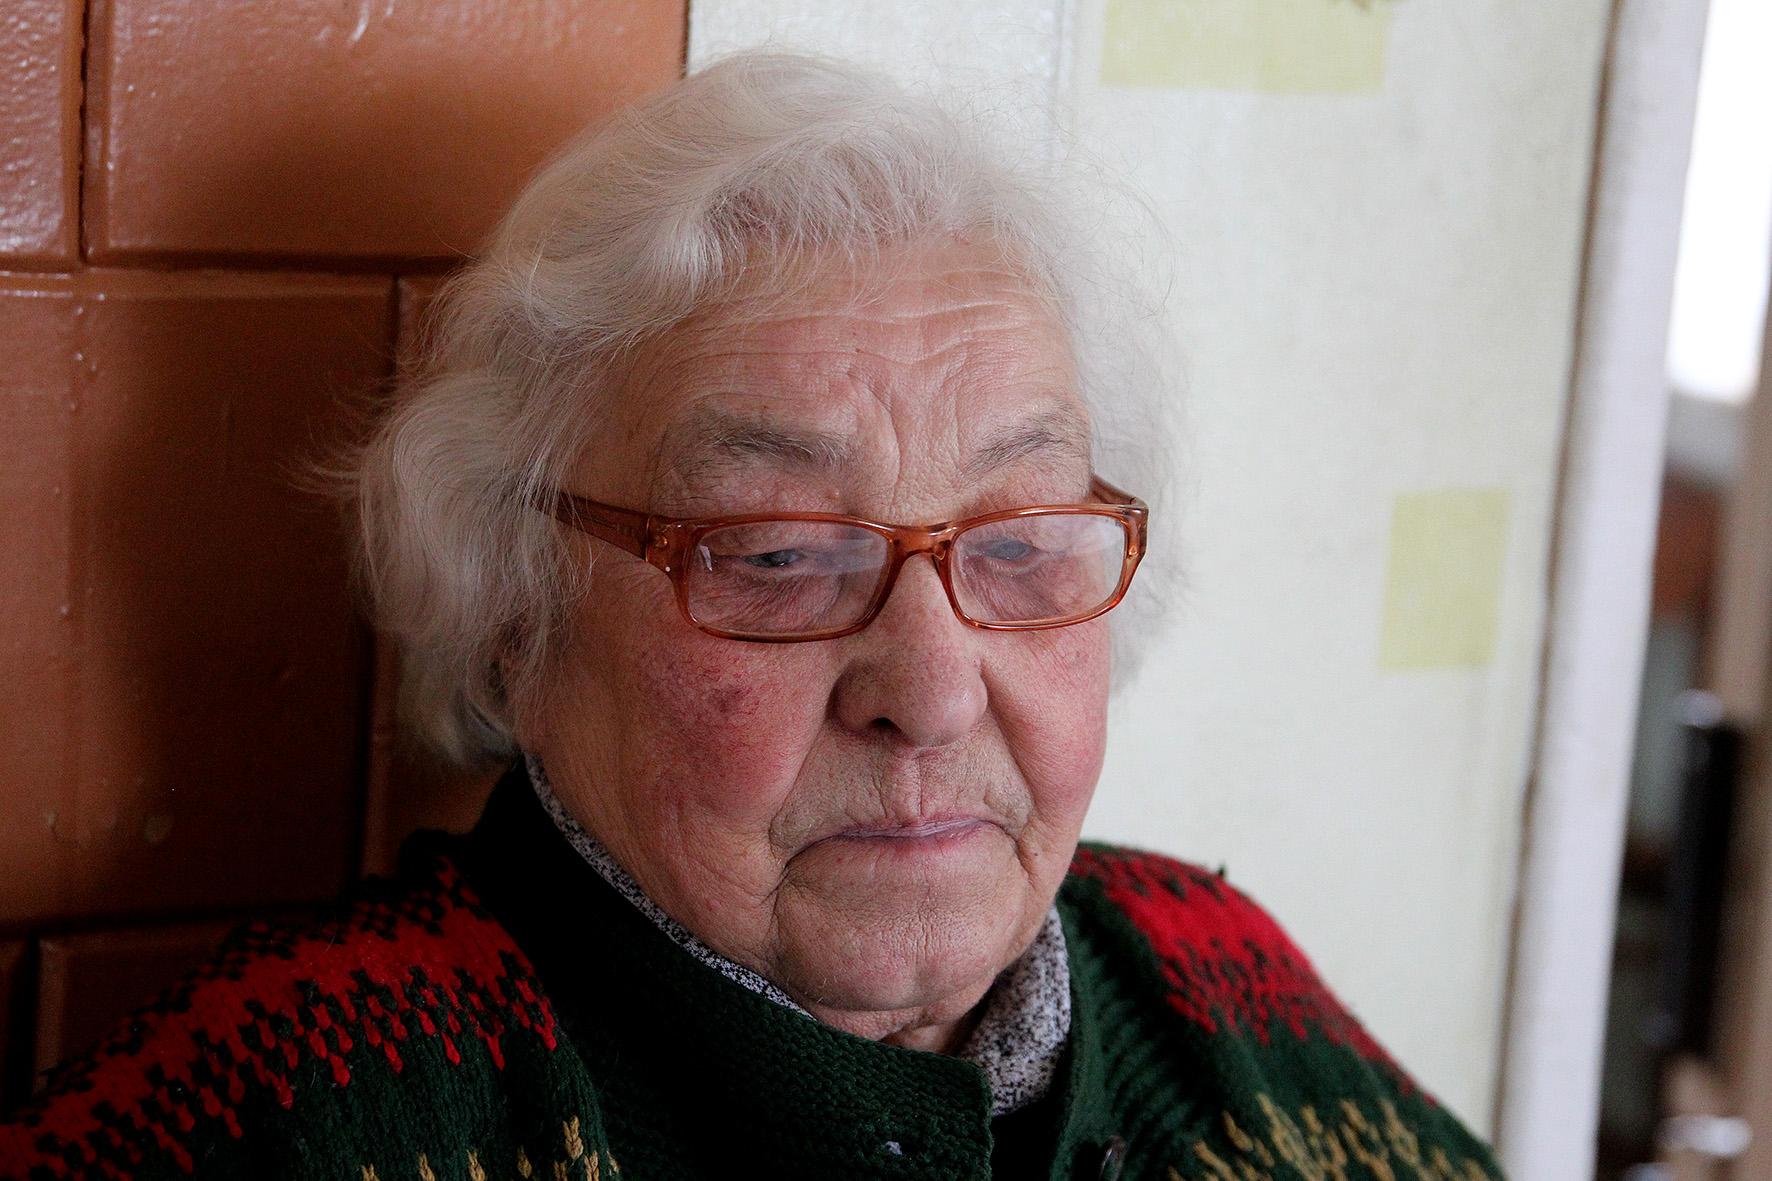 Devynduoniuose visą savo gyvenimą praleidusi Vanda Kuprienė pabrėžė, kad šis kaimelis ne tik jos ir vyro, bet ir jos tėvų, senelių iš mamos pusės bei uošvių gimtasis kraštas, kupinas šviesių ir šiltų prisiminimų. A.Barzdžiaus nuotr.